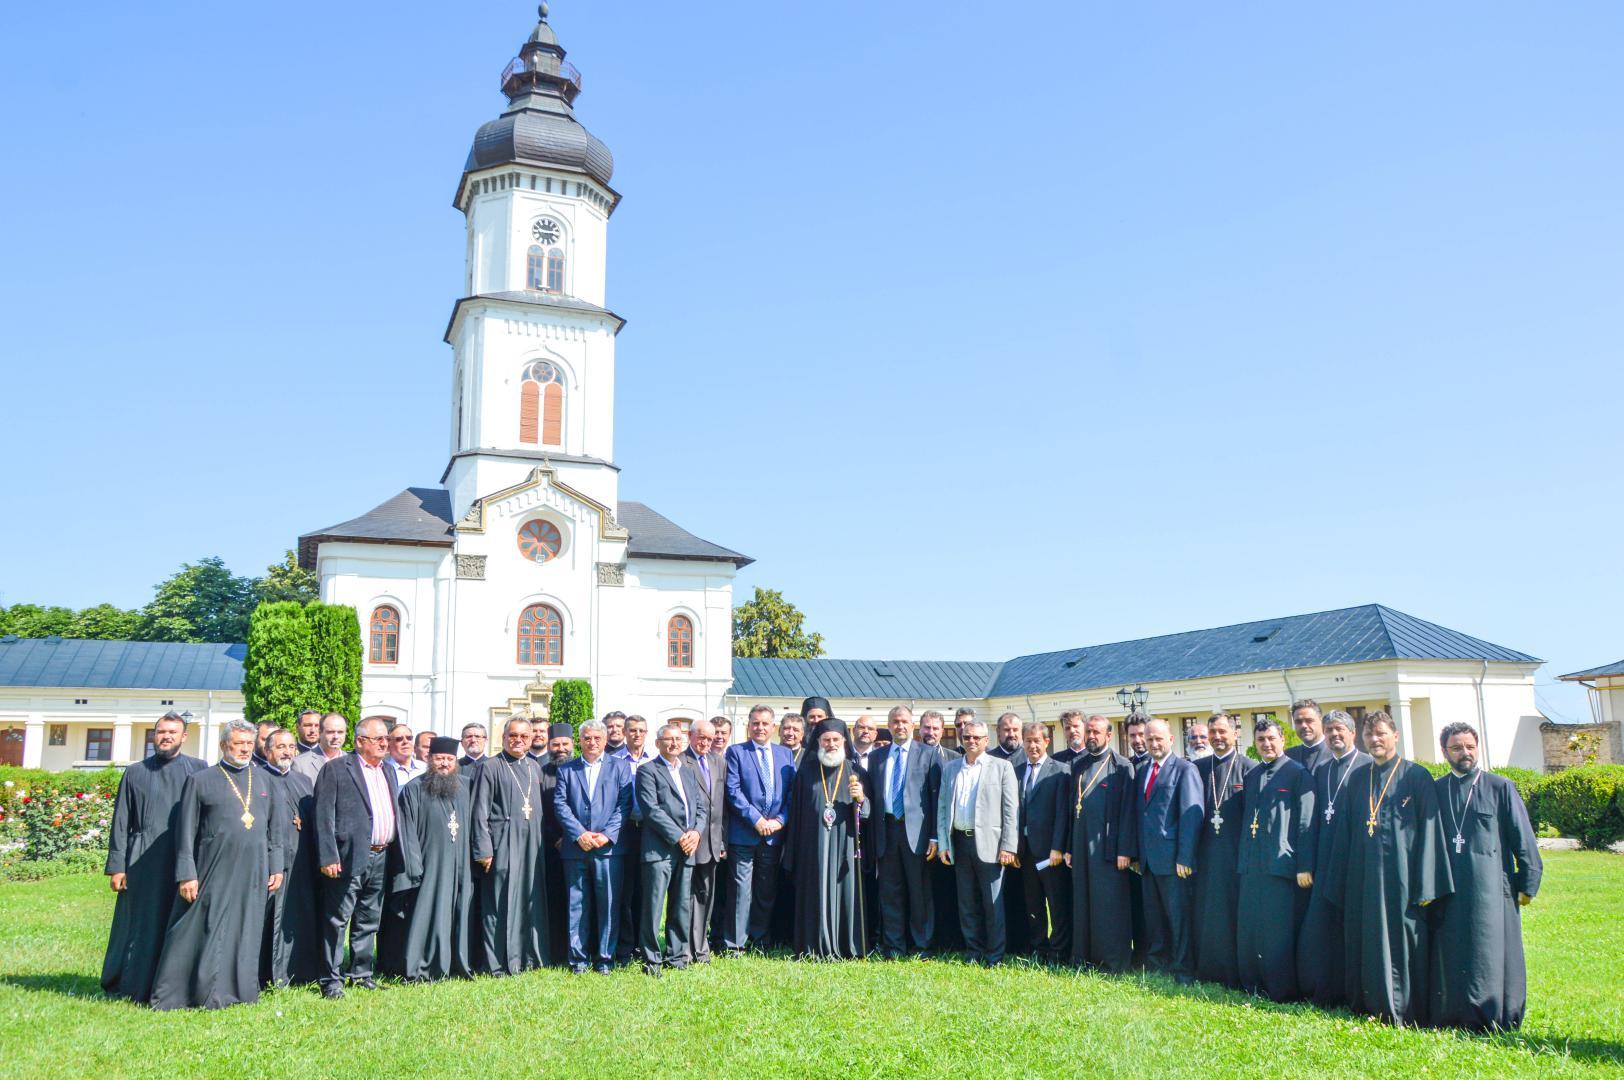 S-a constituit Adunarea Eparhială a Arhiepiscopiei Romanului și Bacăului pentru mandatul 2018-2022